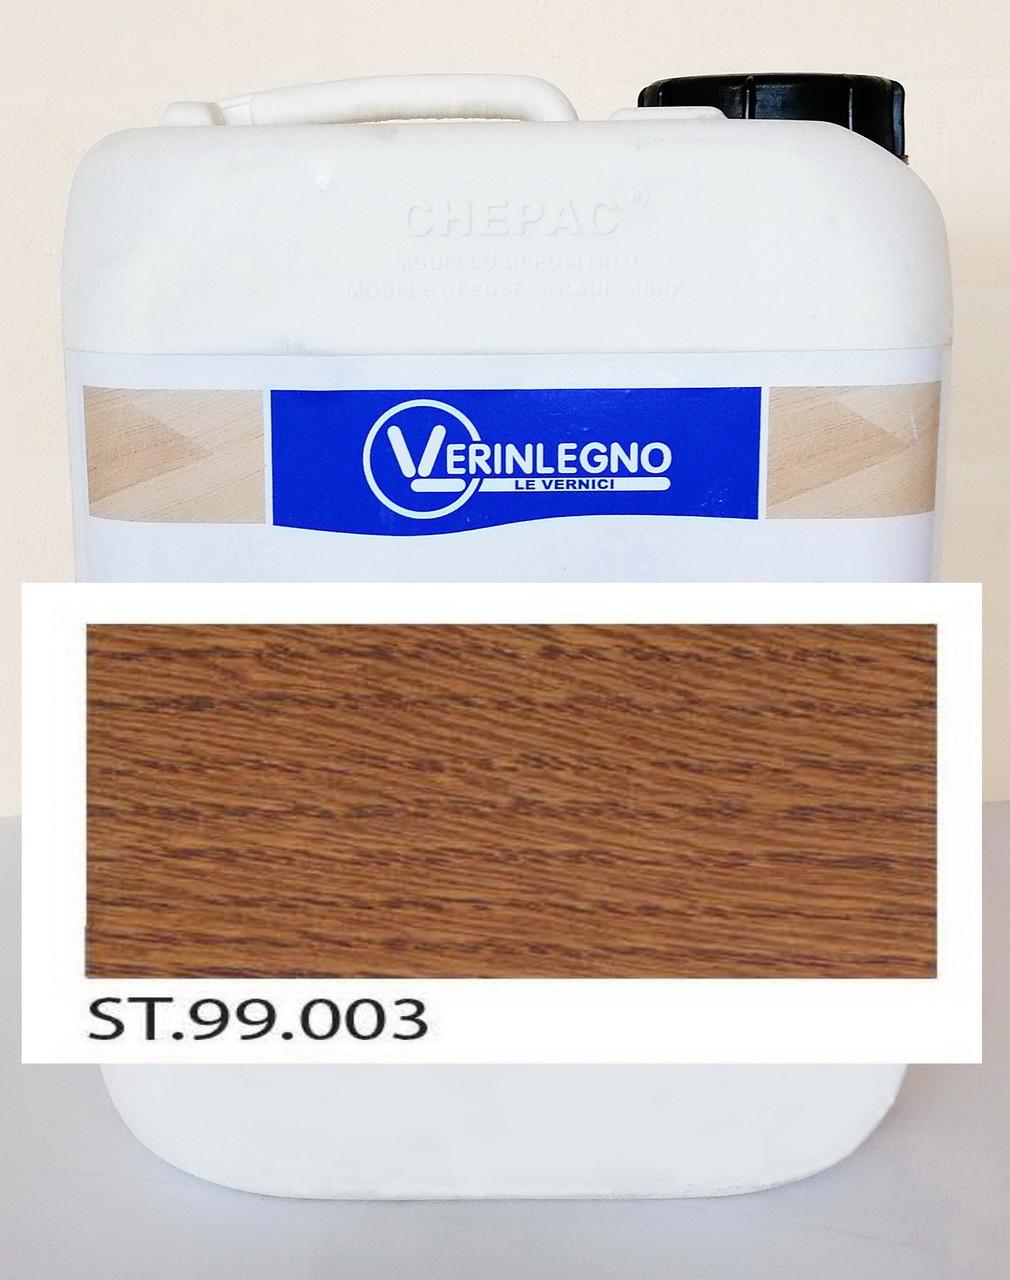 Барвник (морилка, бейц) з рустикальным ефектом VERINLEGNO ST.99.003